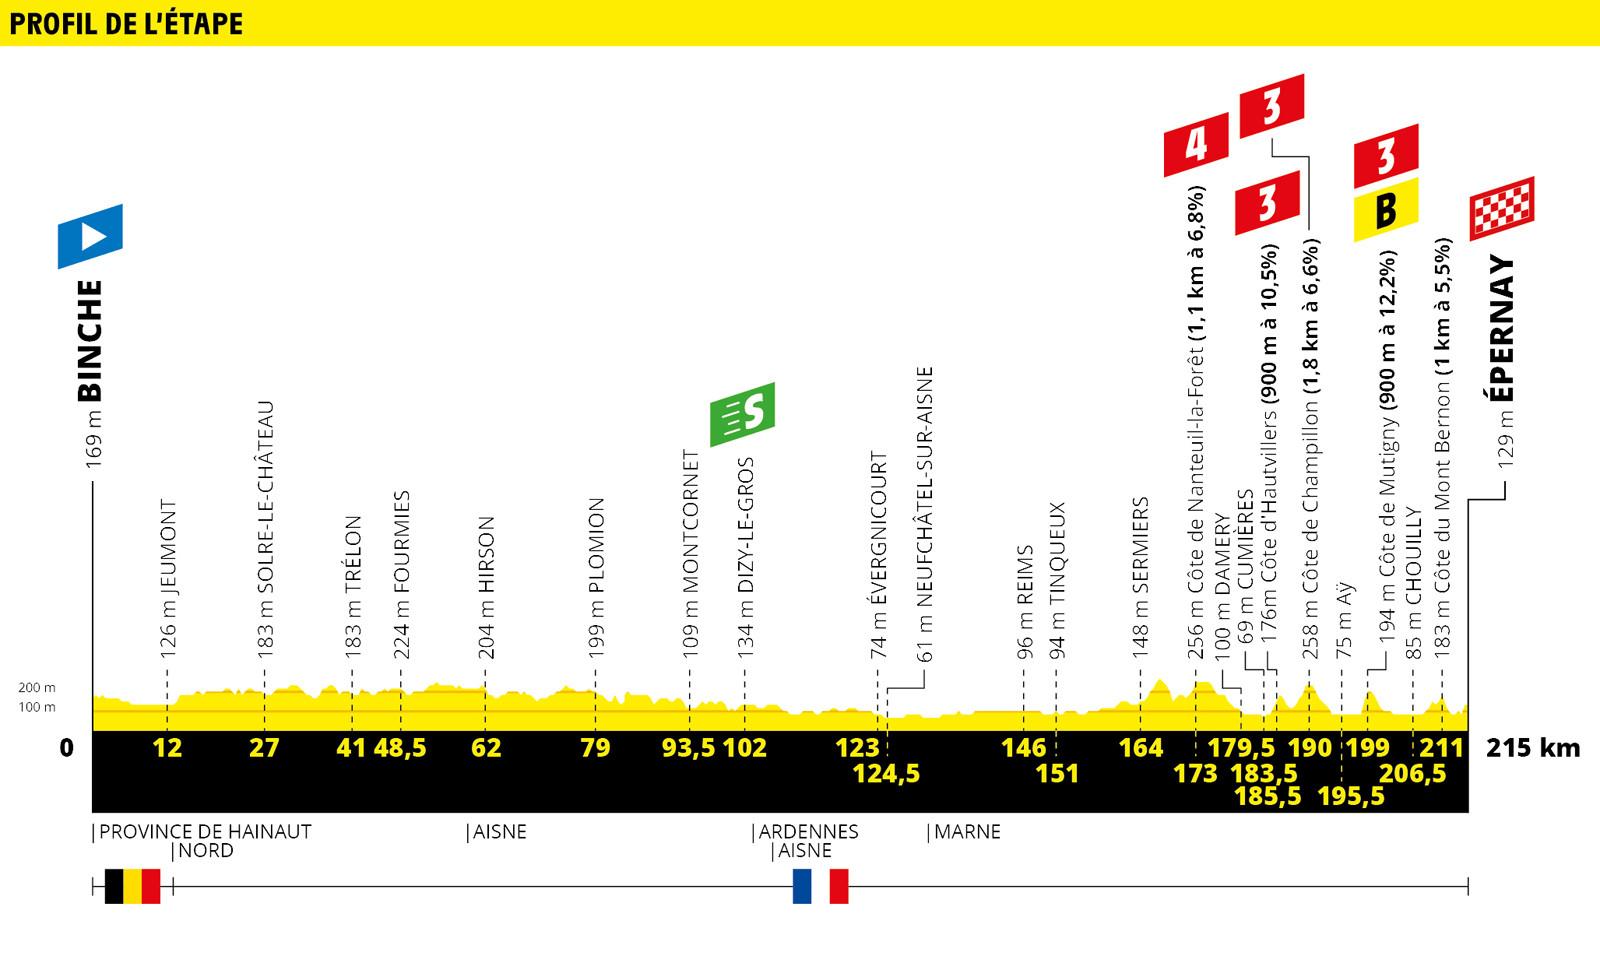 Alaphilippe Tour de France 2019 Etappenvorschau 3. Etappe Alaphilippe